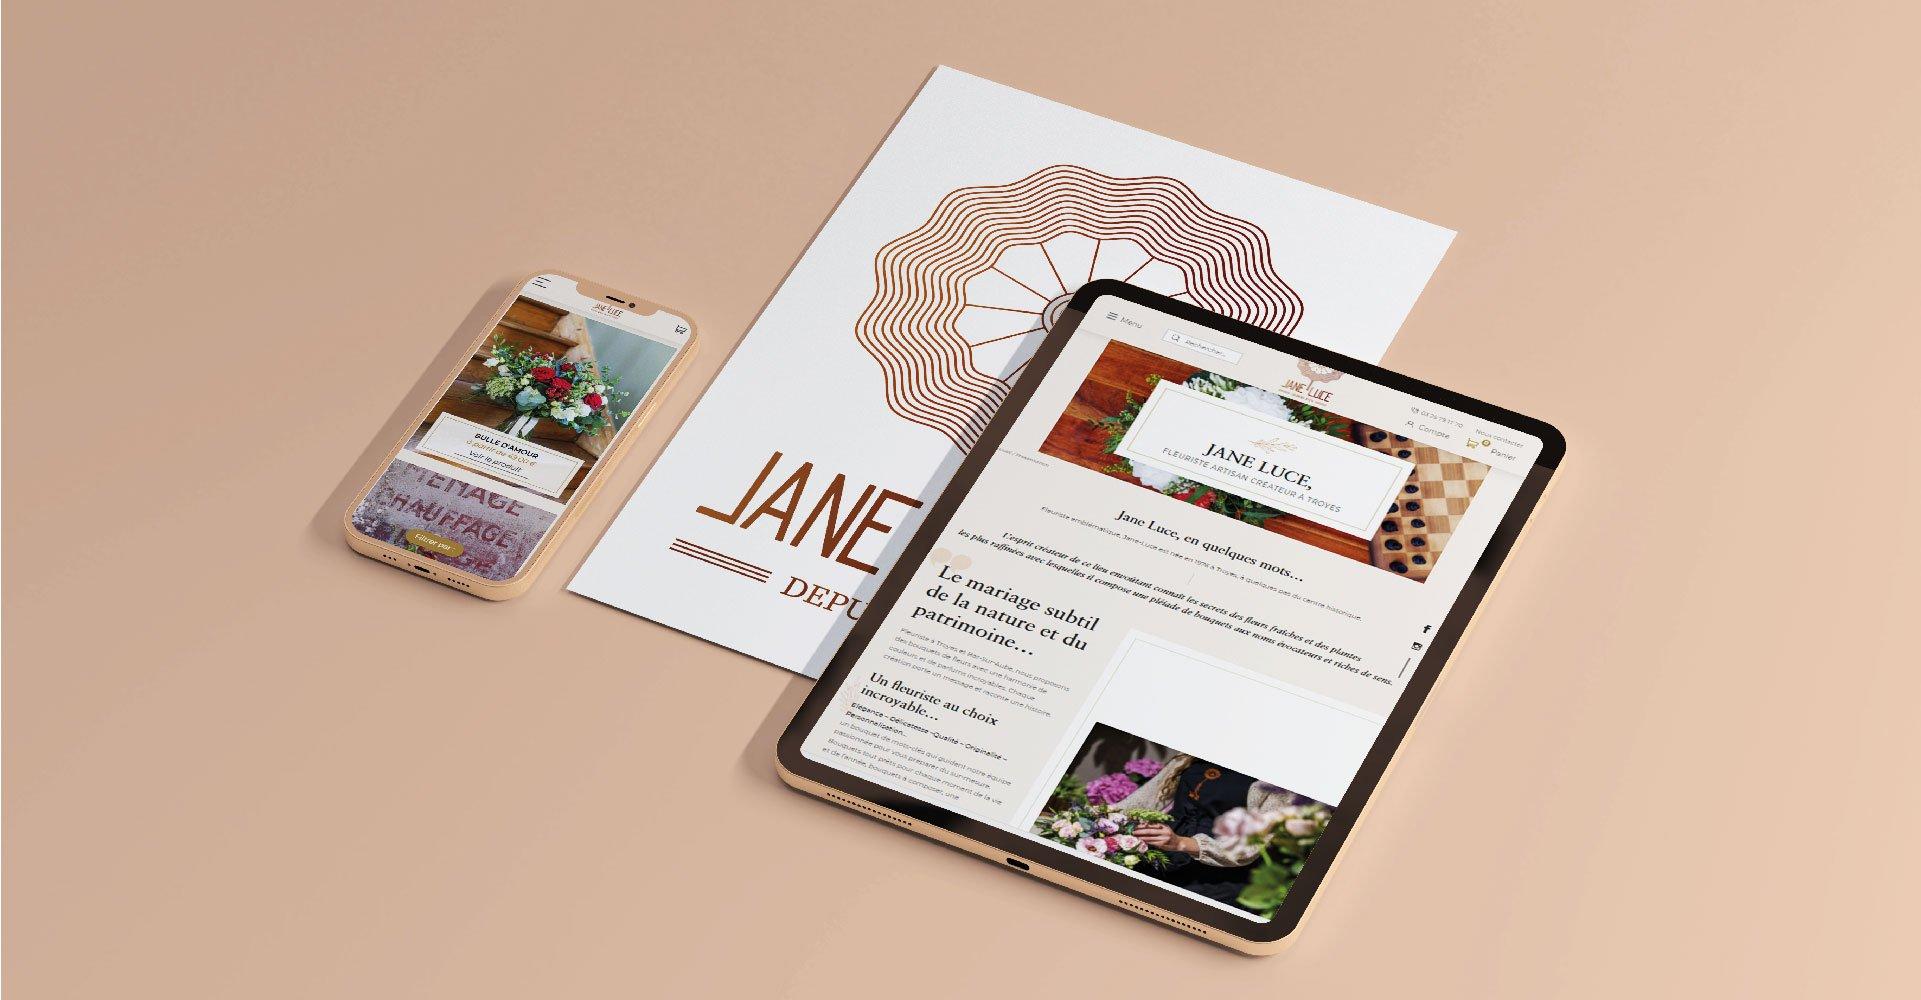 jane-luce-site-internet-studio-ikadia-1